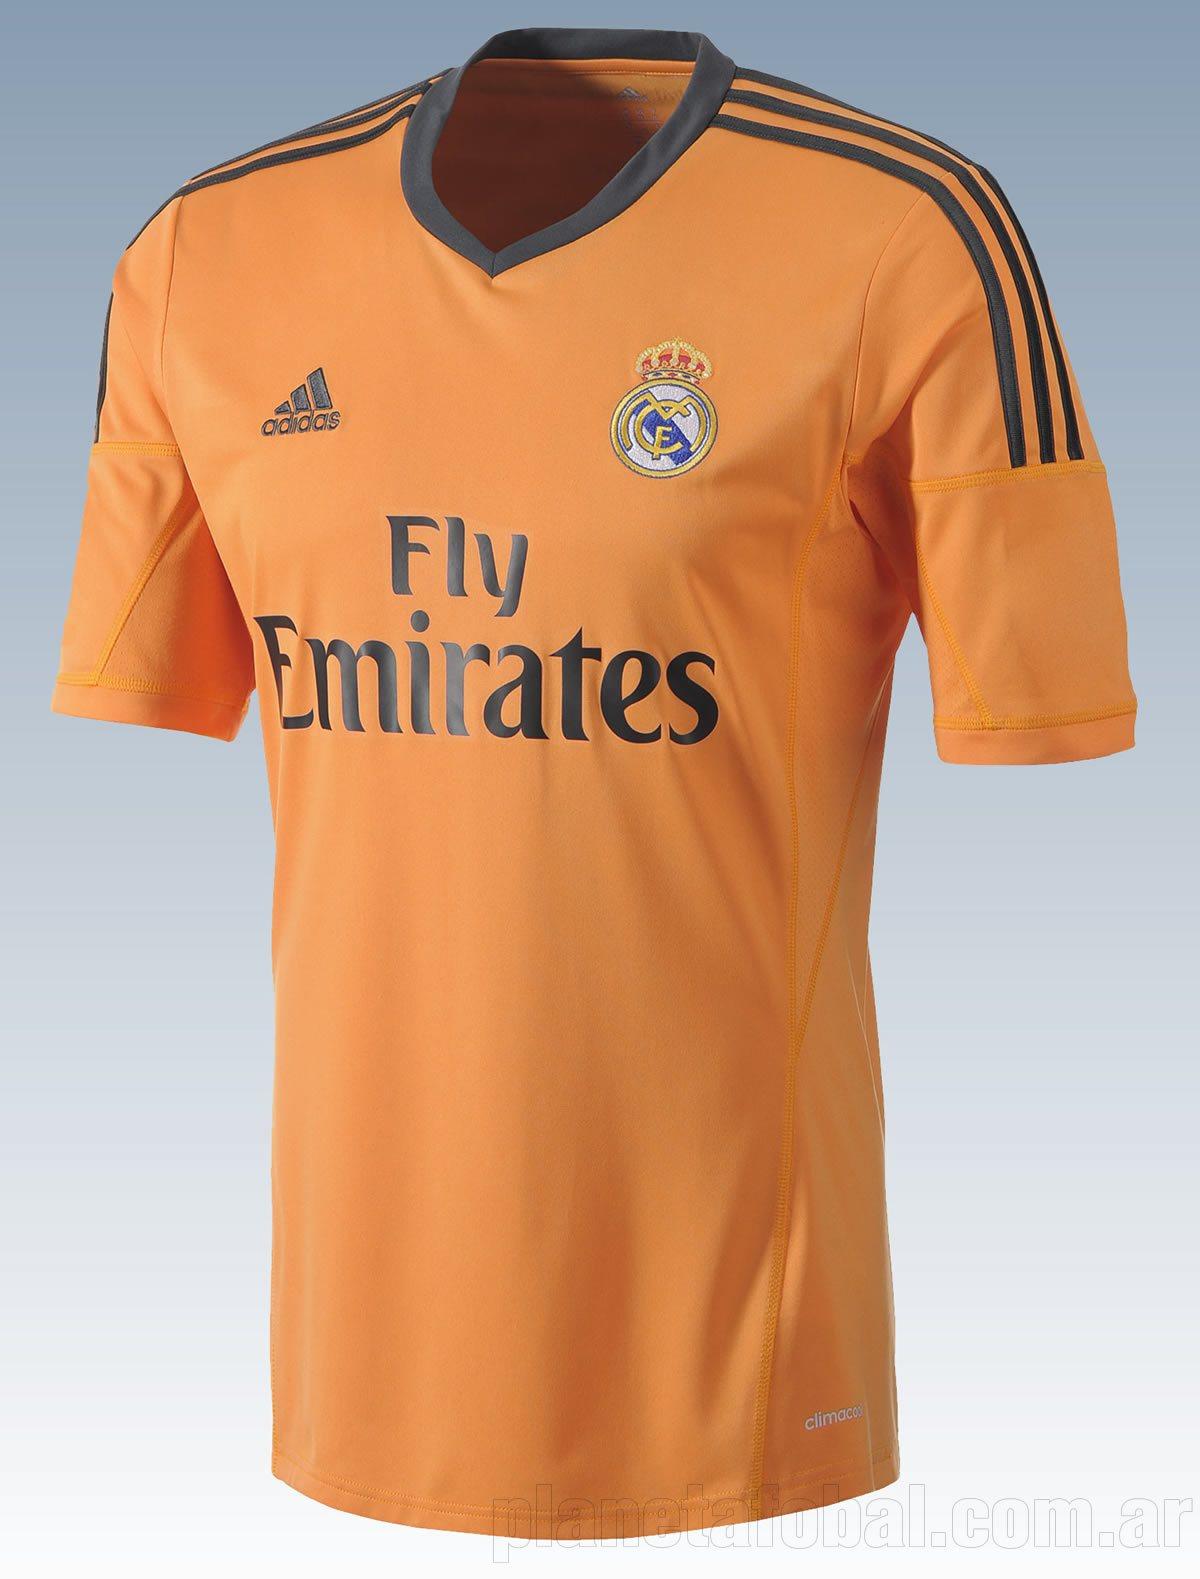 Camiseta naranja Adidas del Real Madrid 2013 14 a799bf5bb0e04